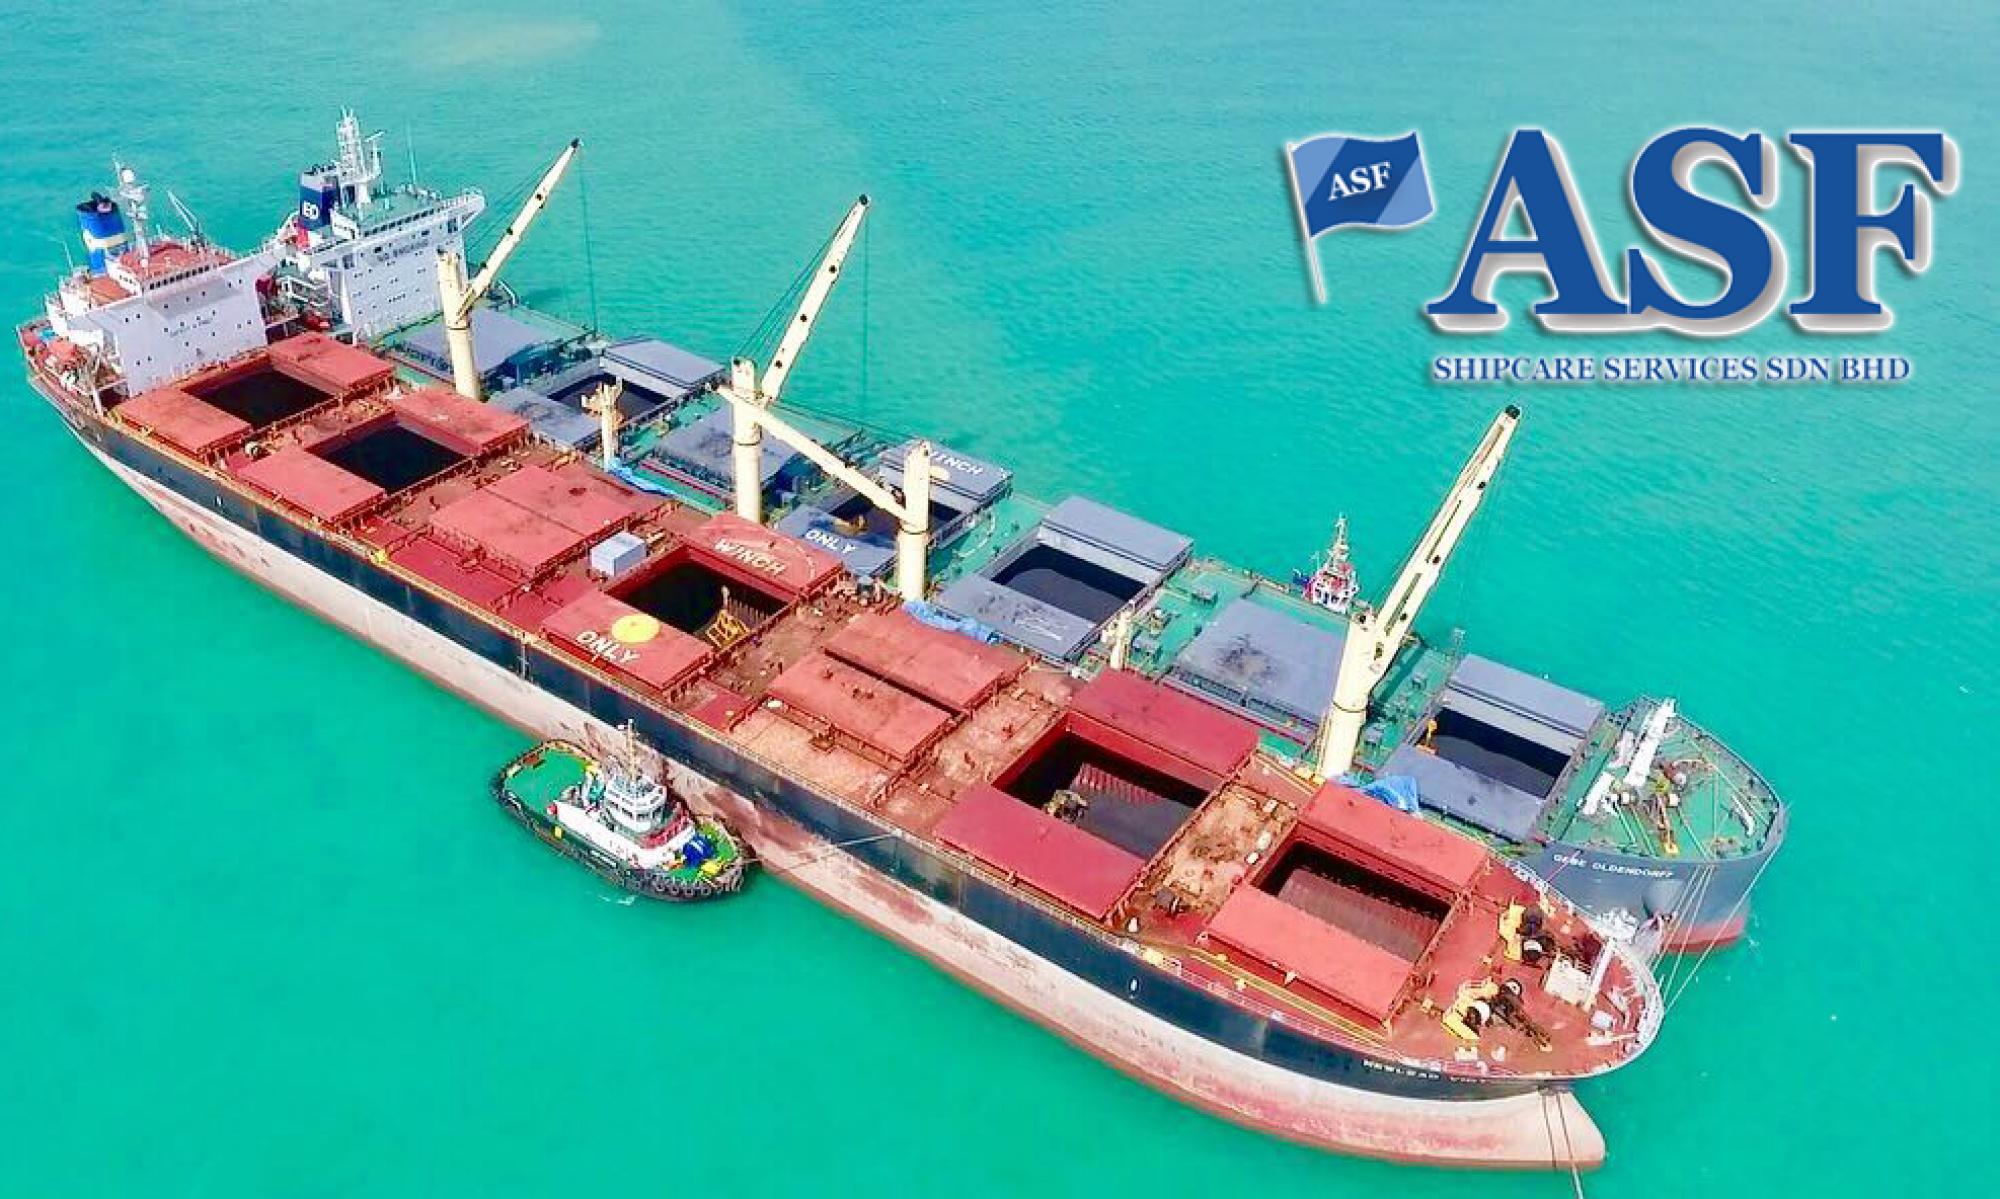 ASF Shipcare Services Sdn Bhd